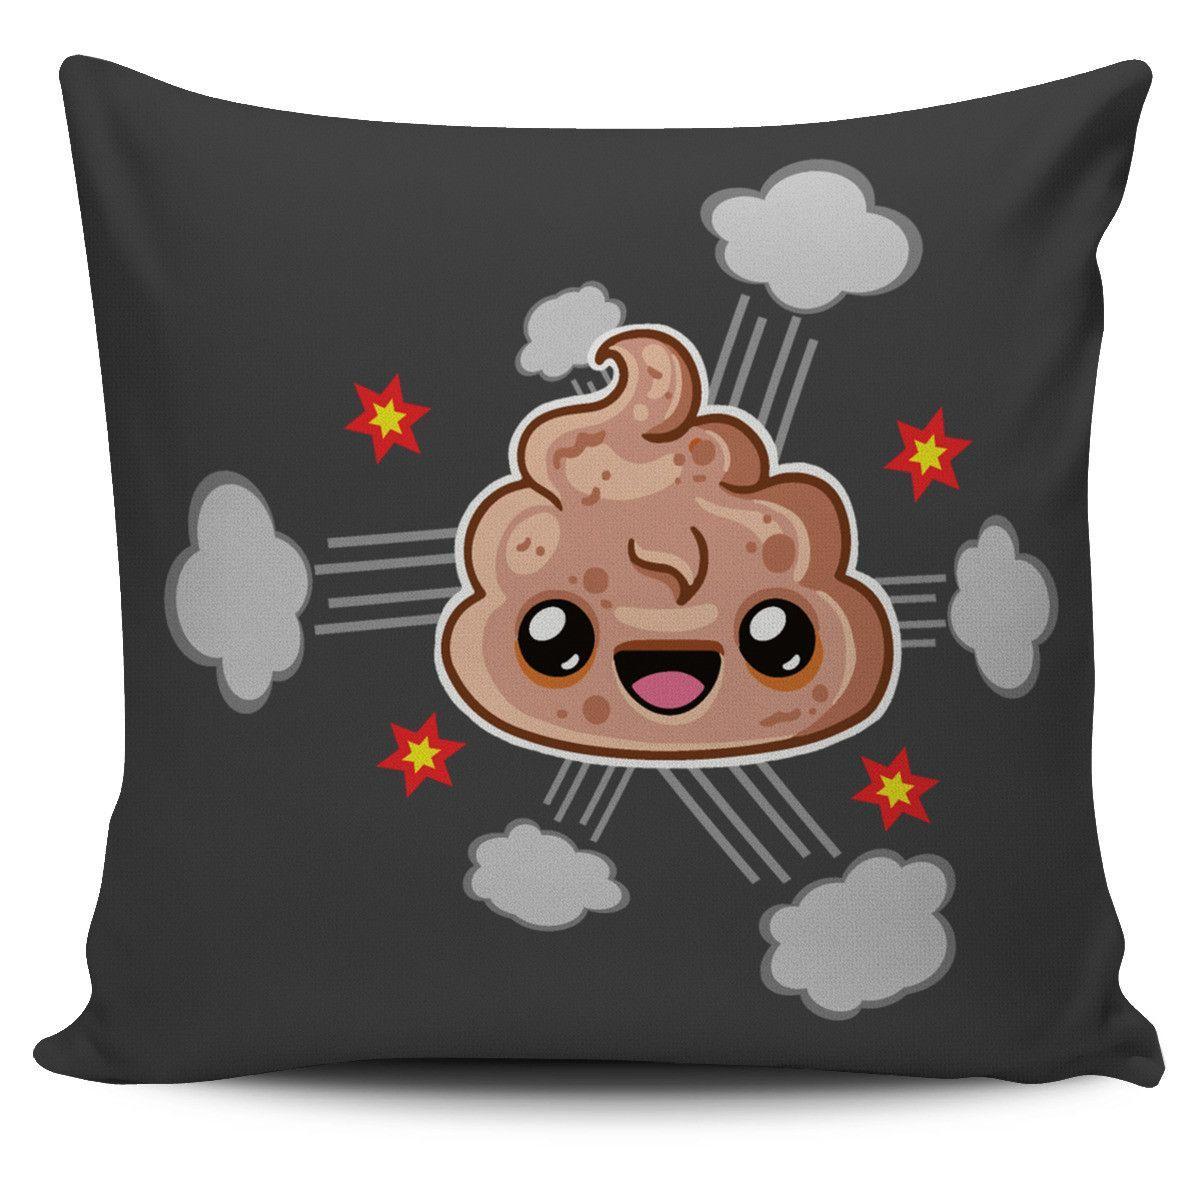 Poop Emoji Pillow | Funny Character Design